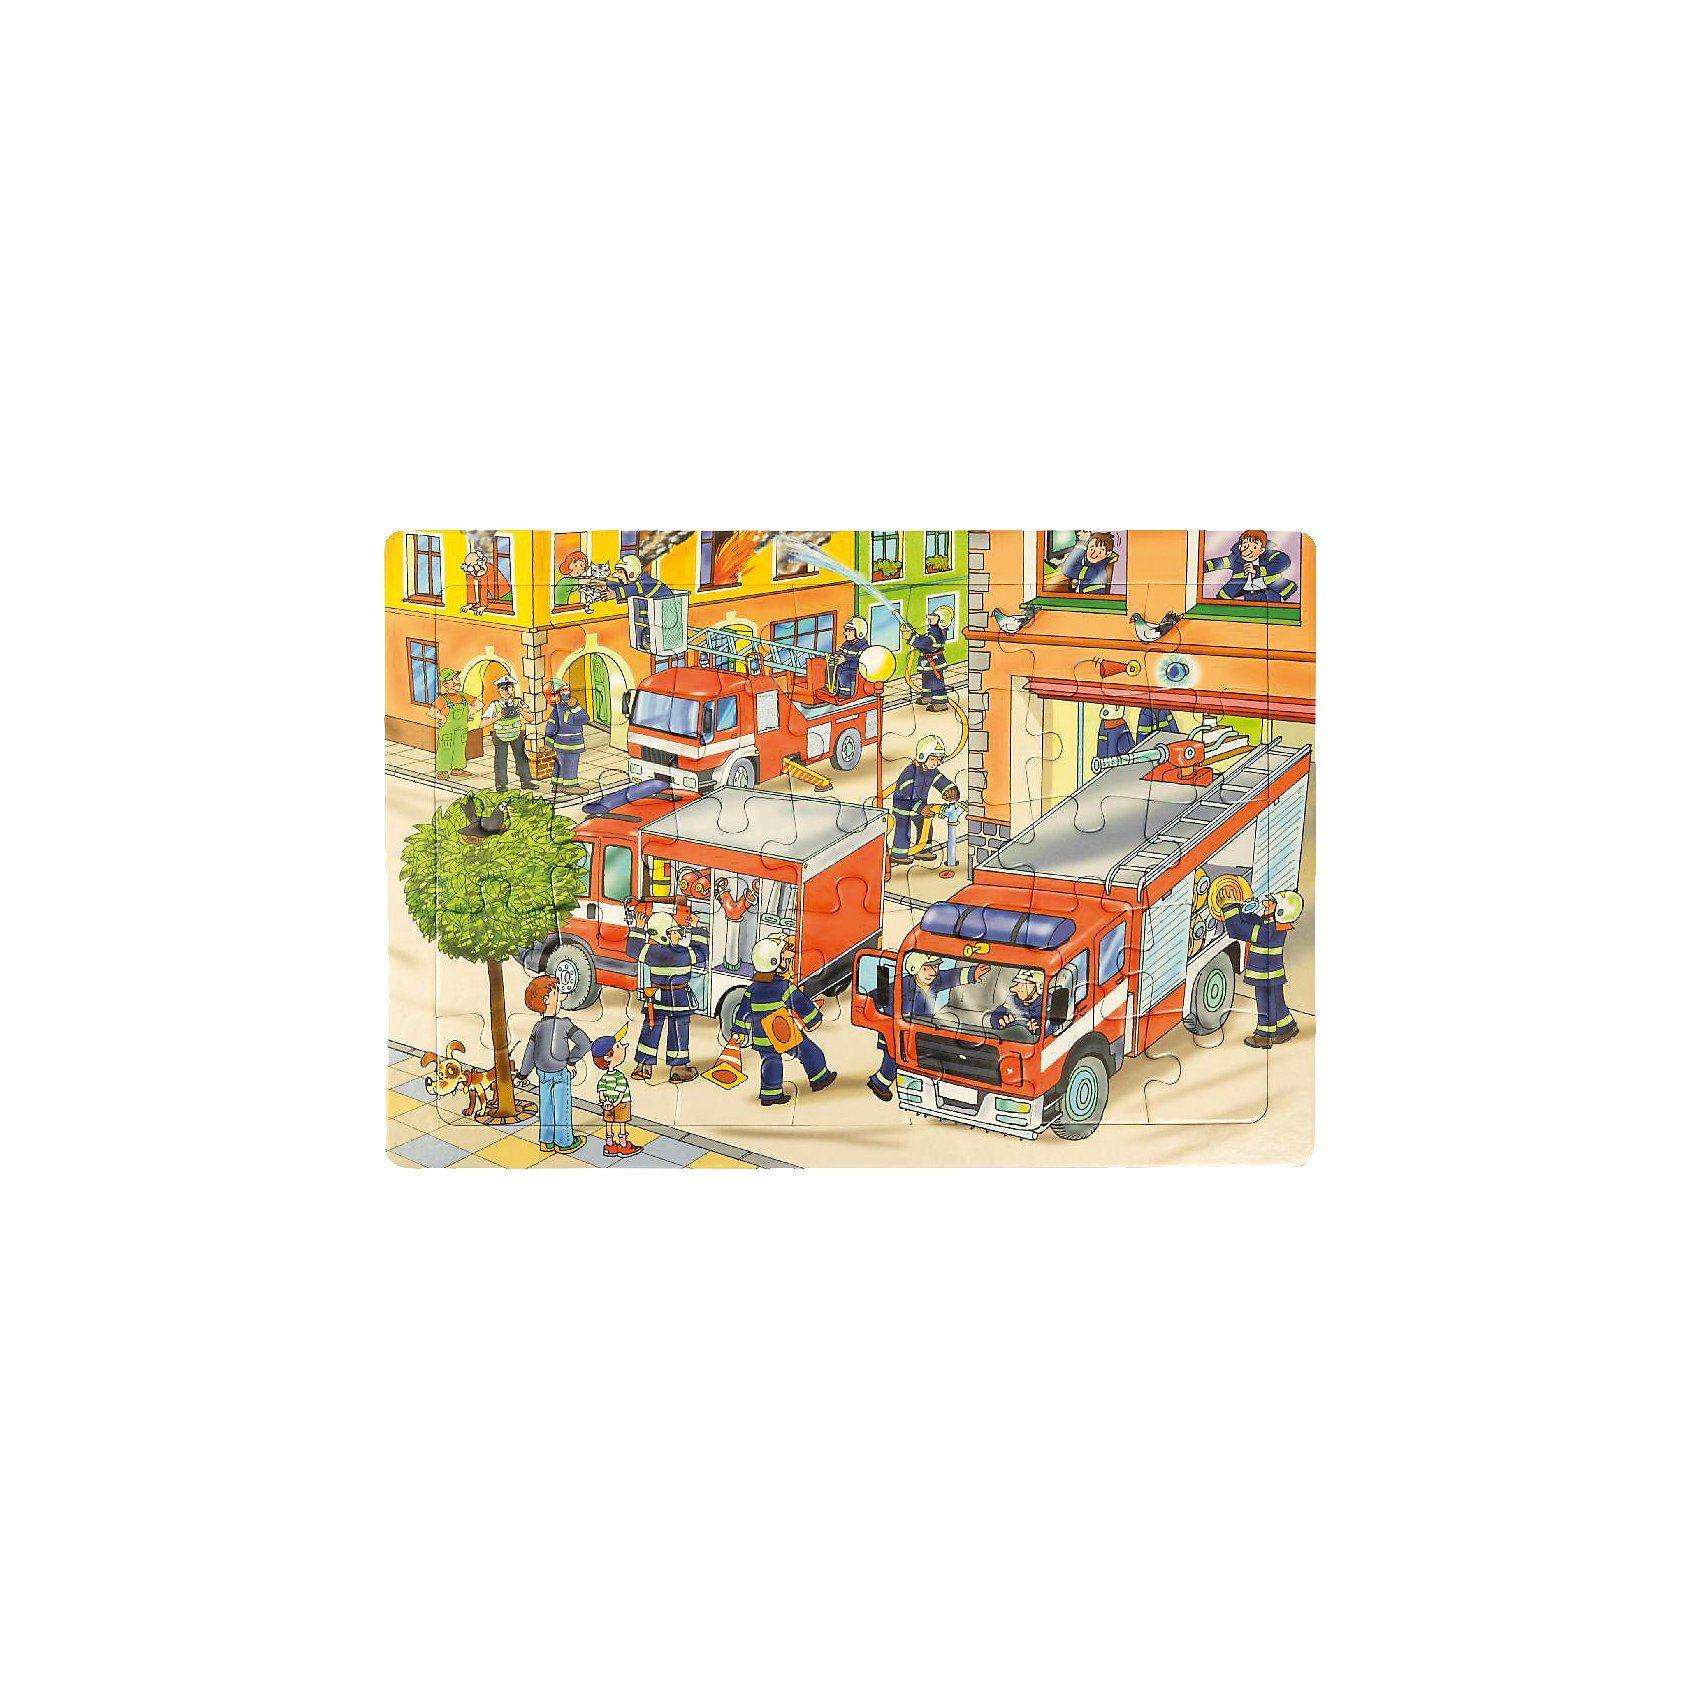 EDUPLAY Rahmenpuzzle Feuerwehr, 35 Teile